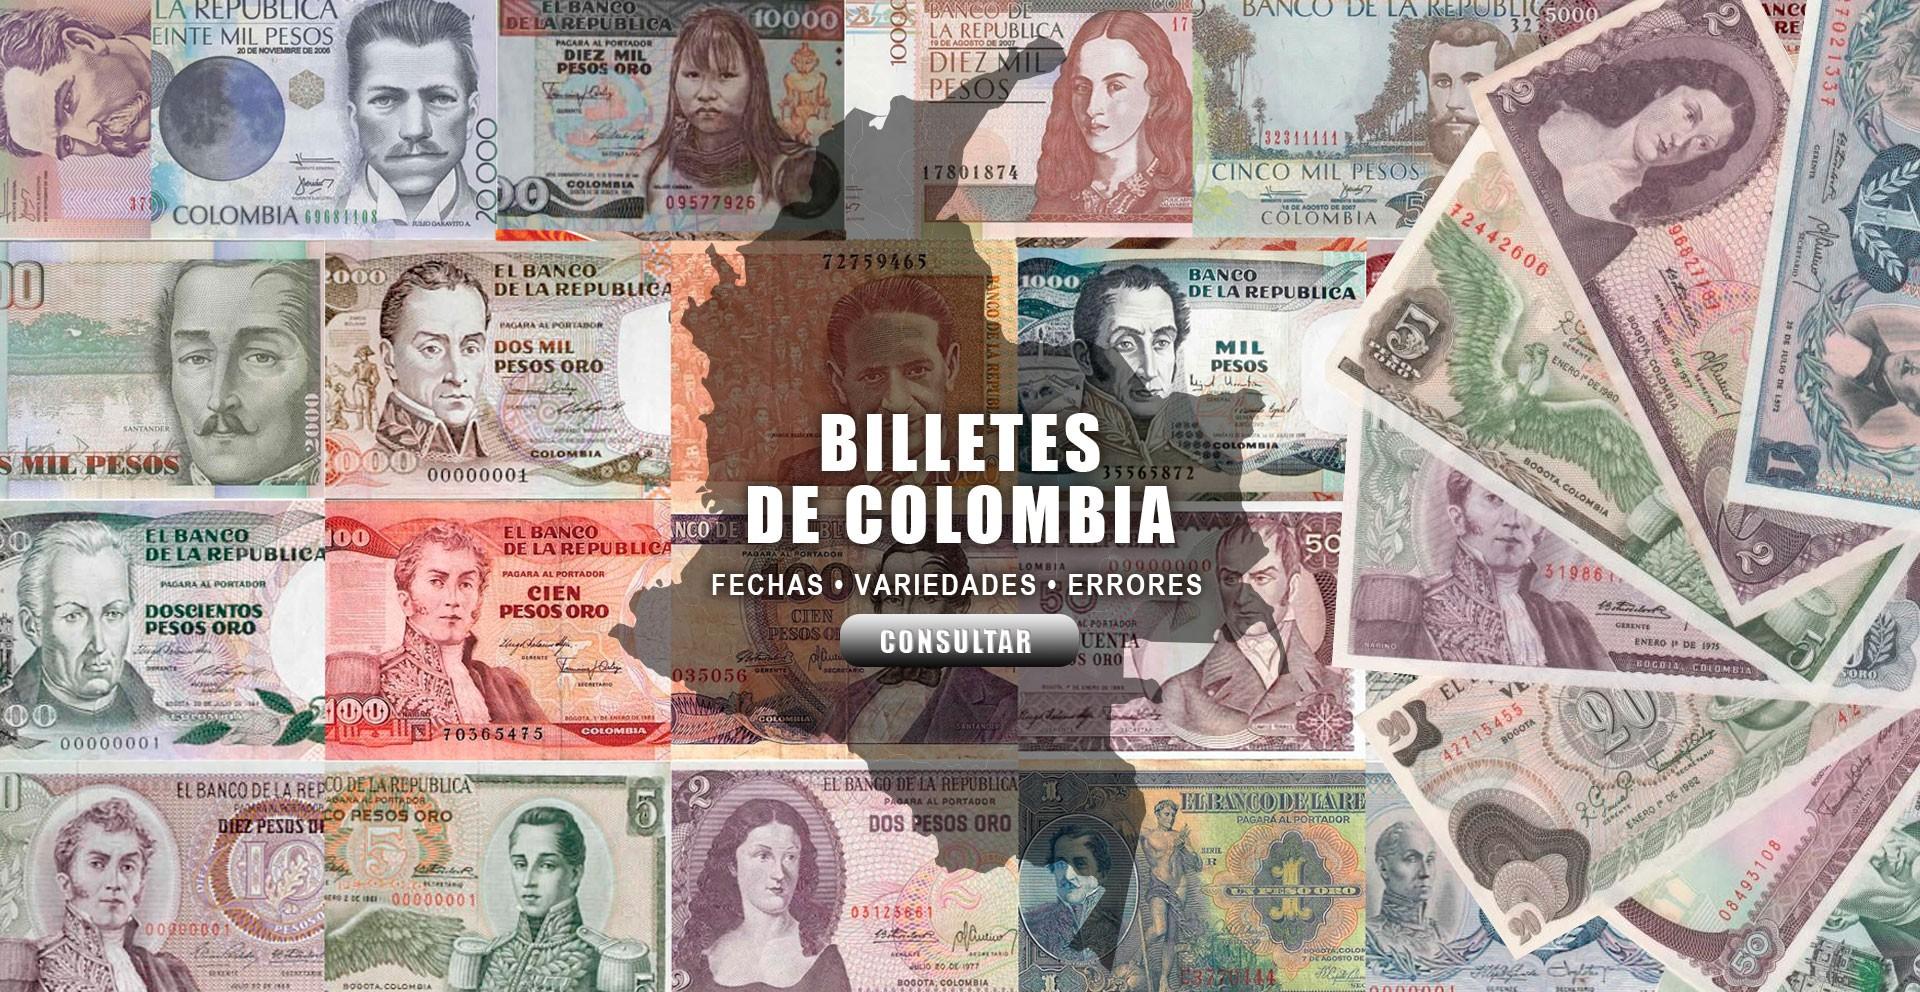 Lista de billetes de Colombia